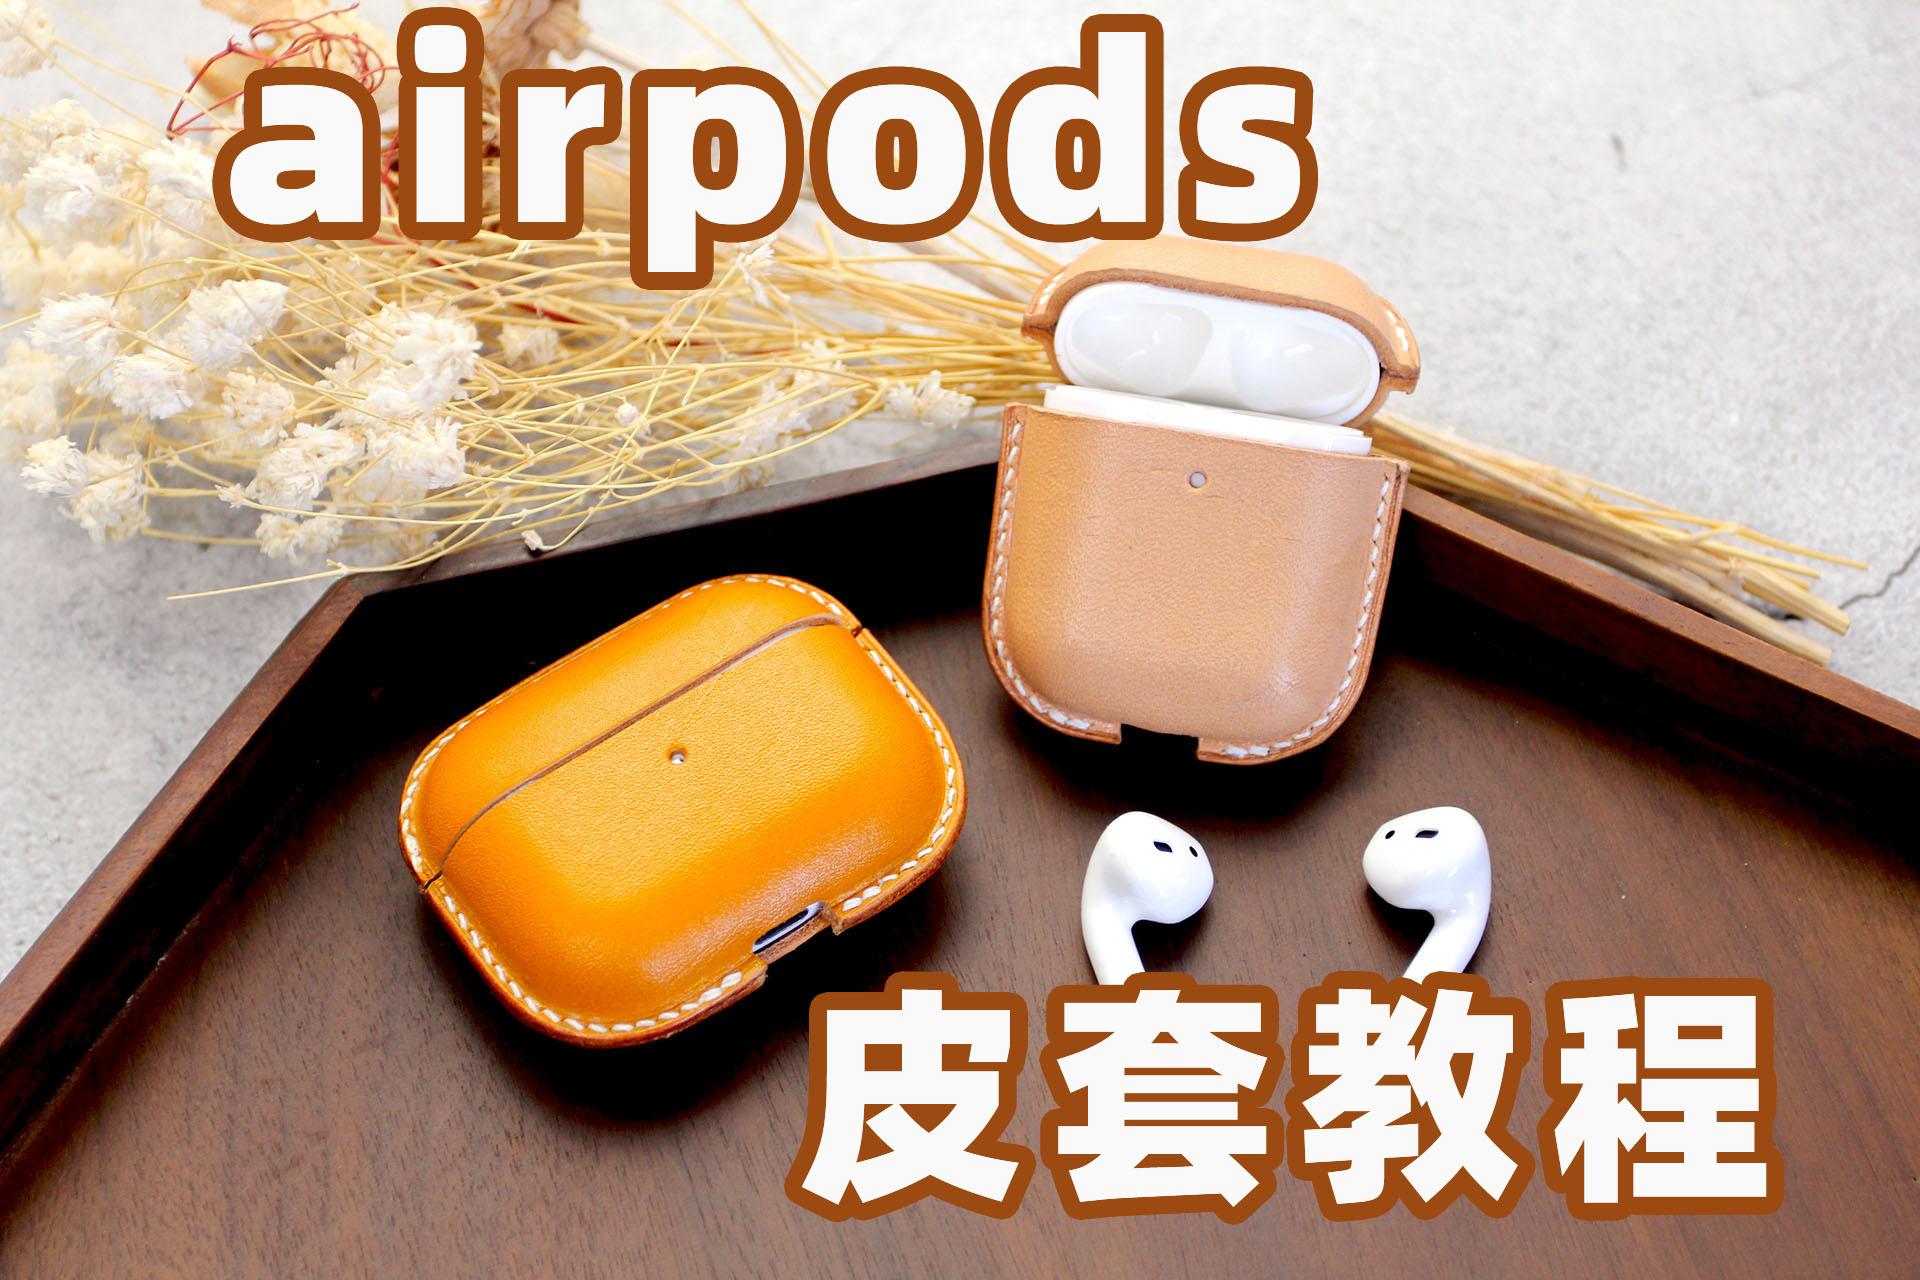 【皮匠老王的手工课】airpods皮套制作教程 苹果无线蓝牙耳机包